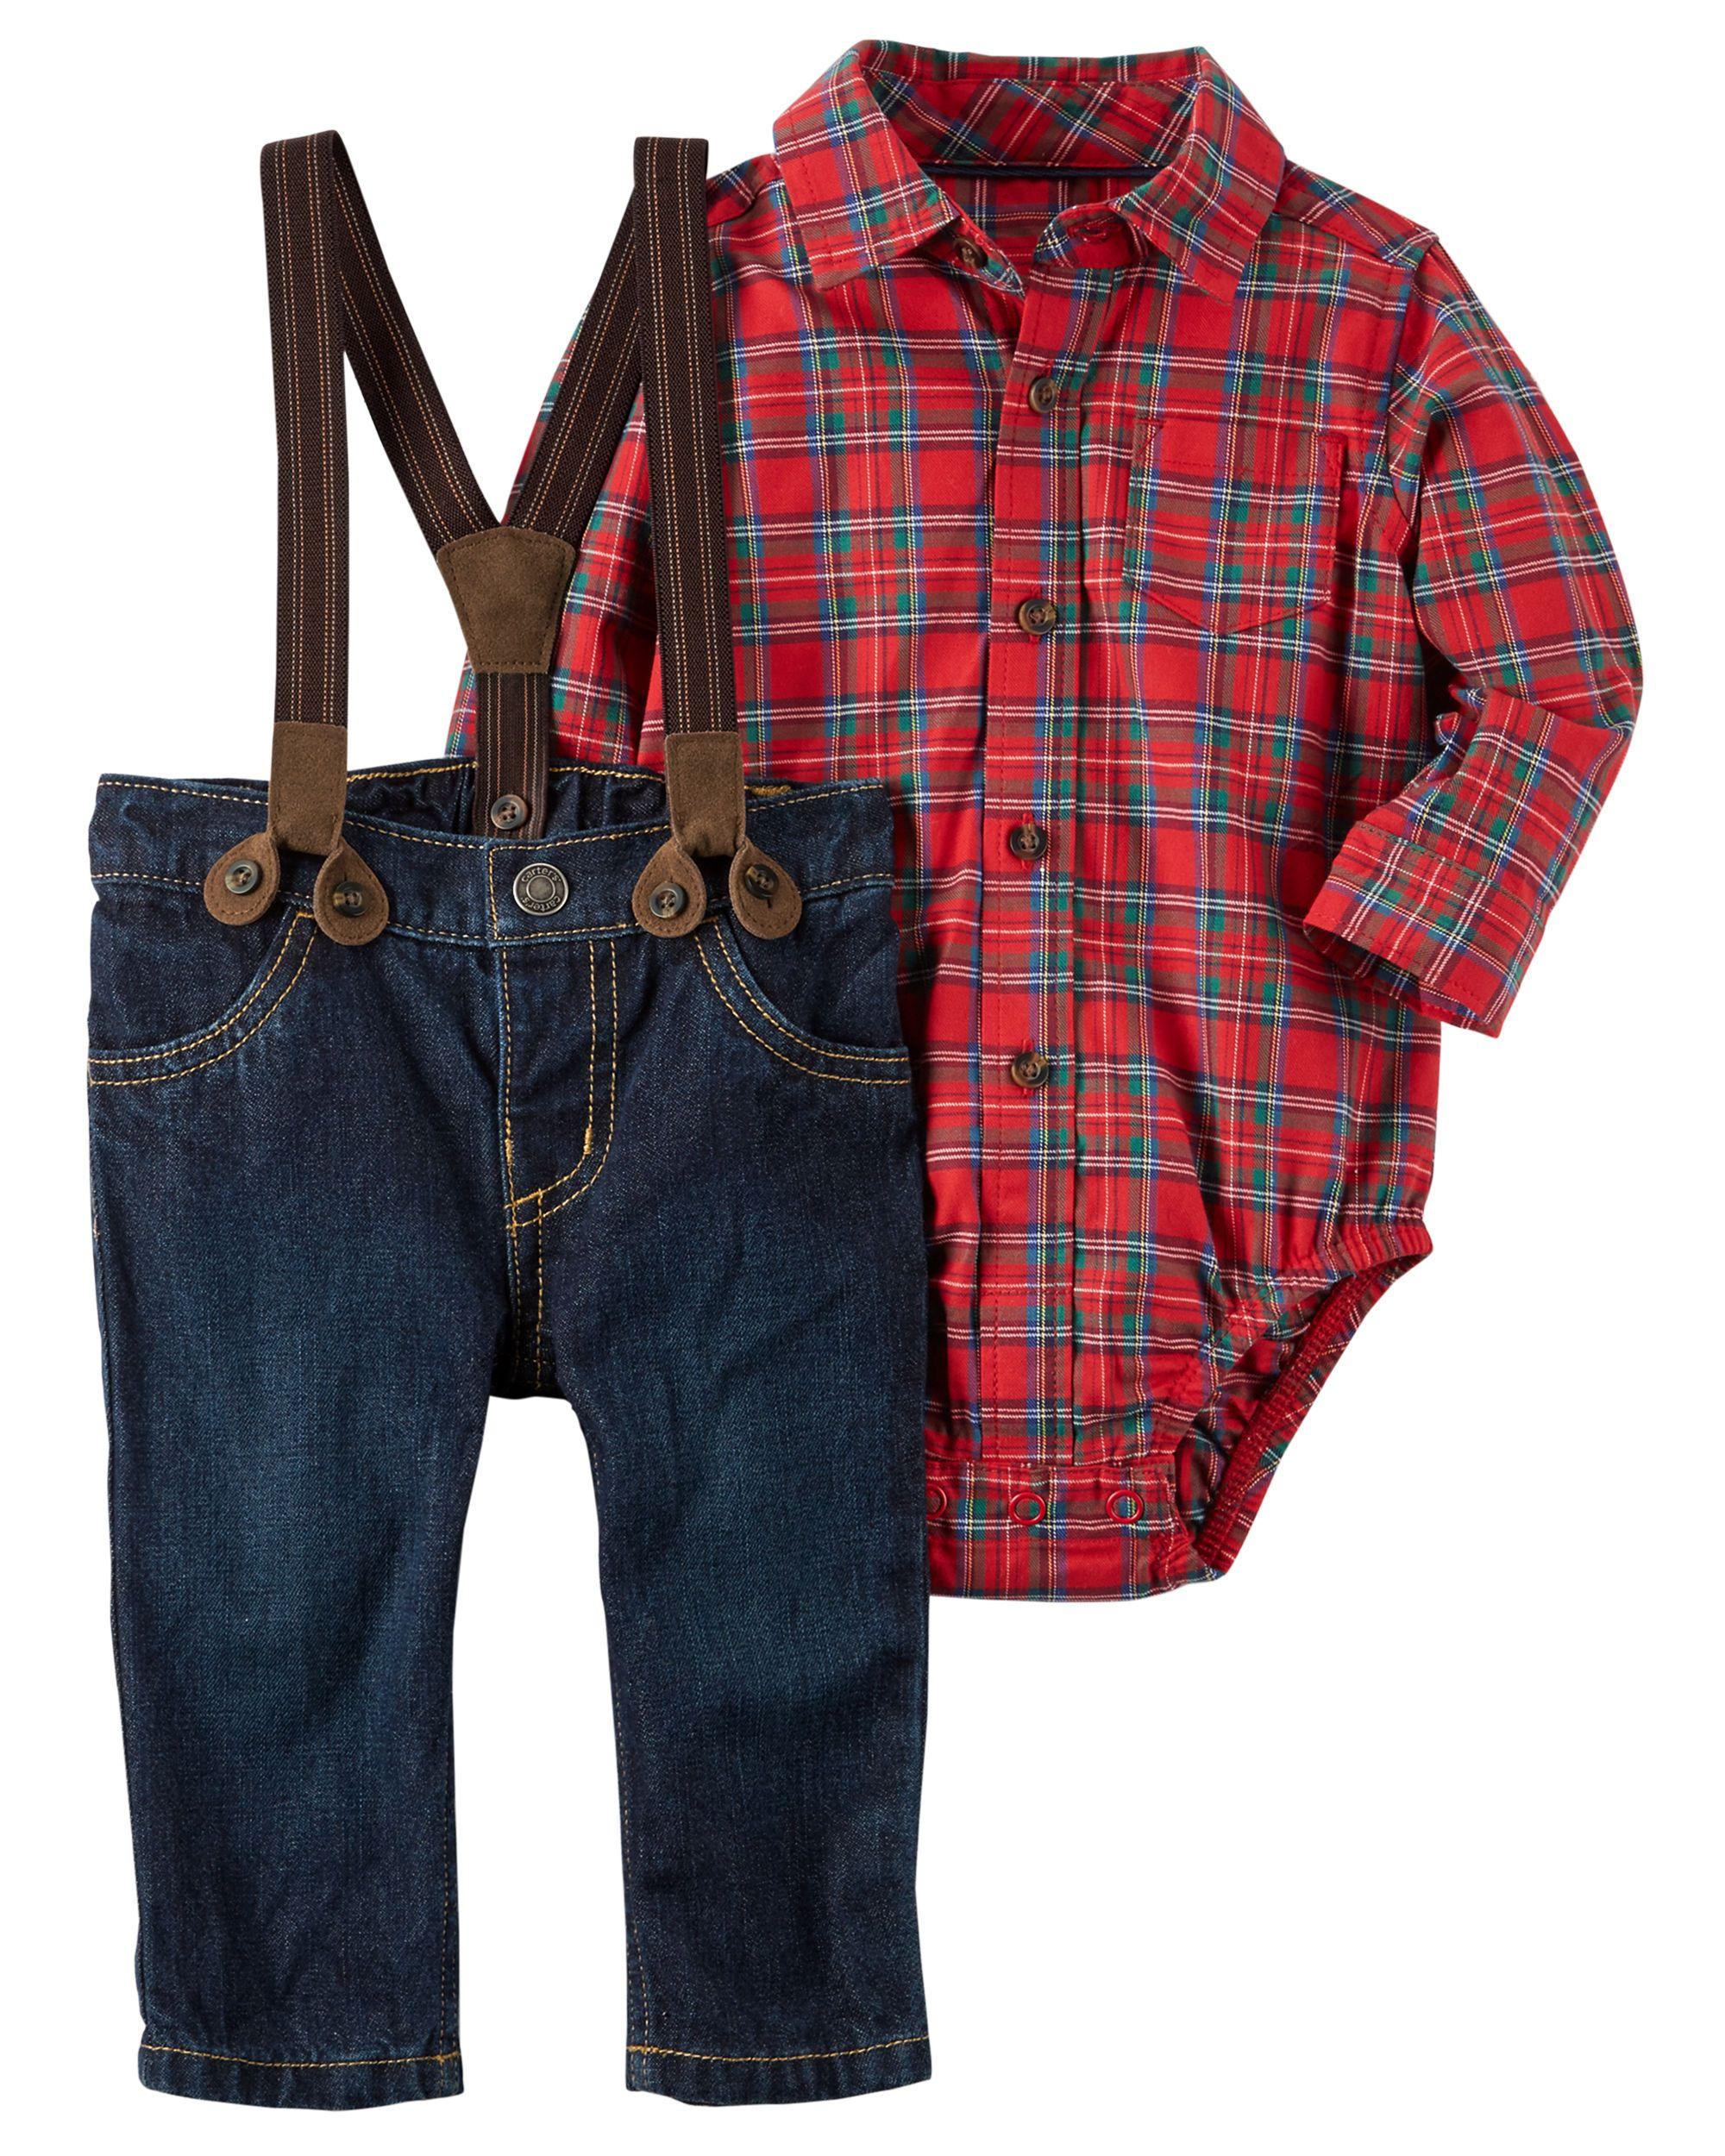 31+ Baby boy dress me up set ideas